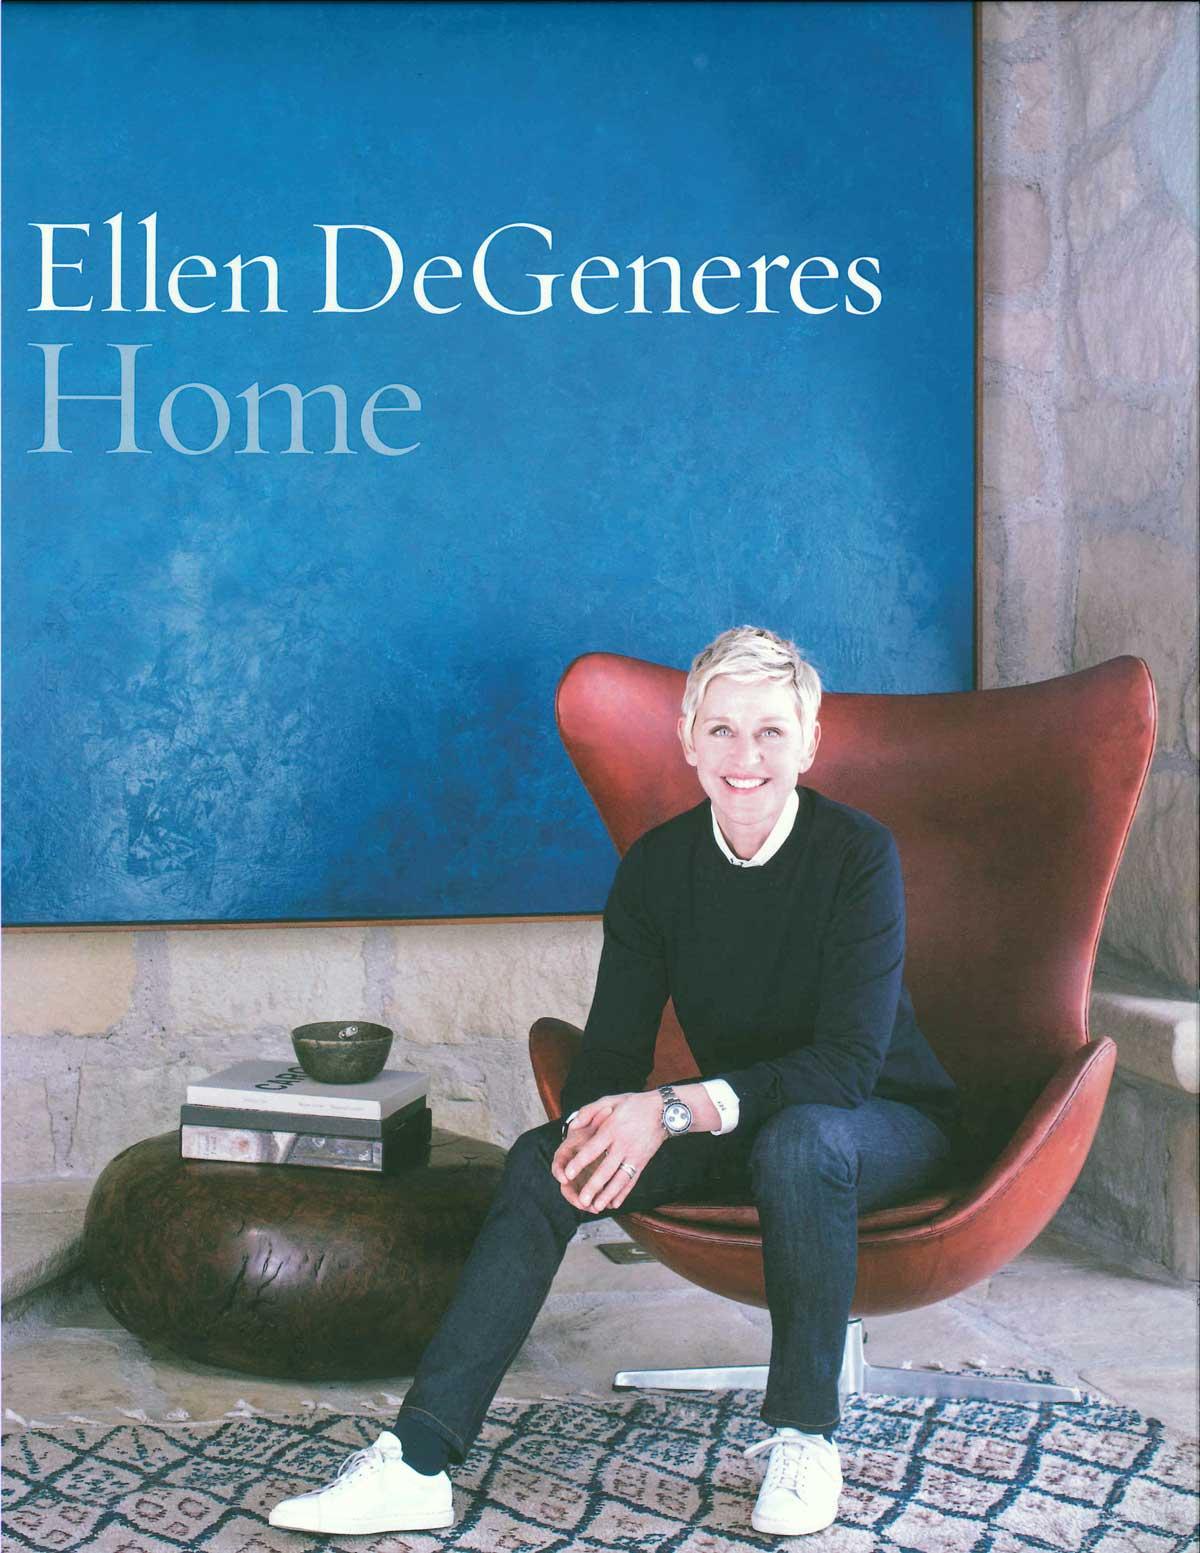 DEGENERES-Book-Cover.jpg